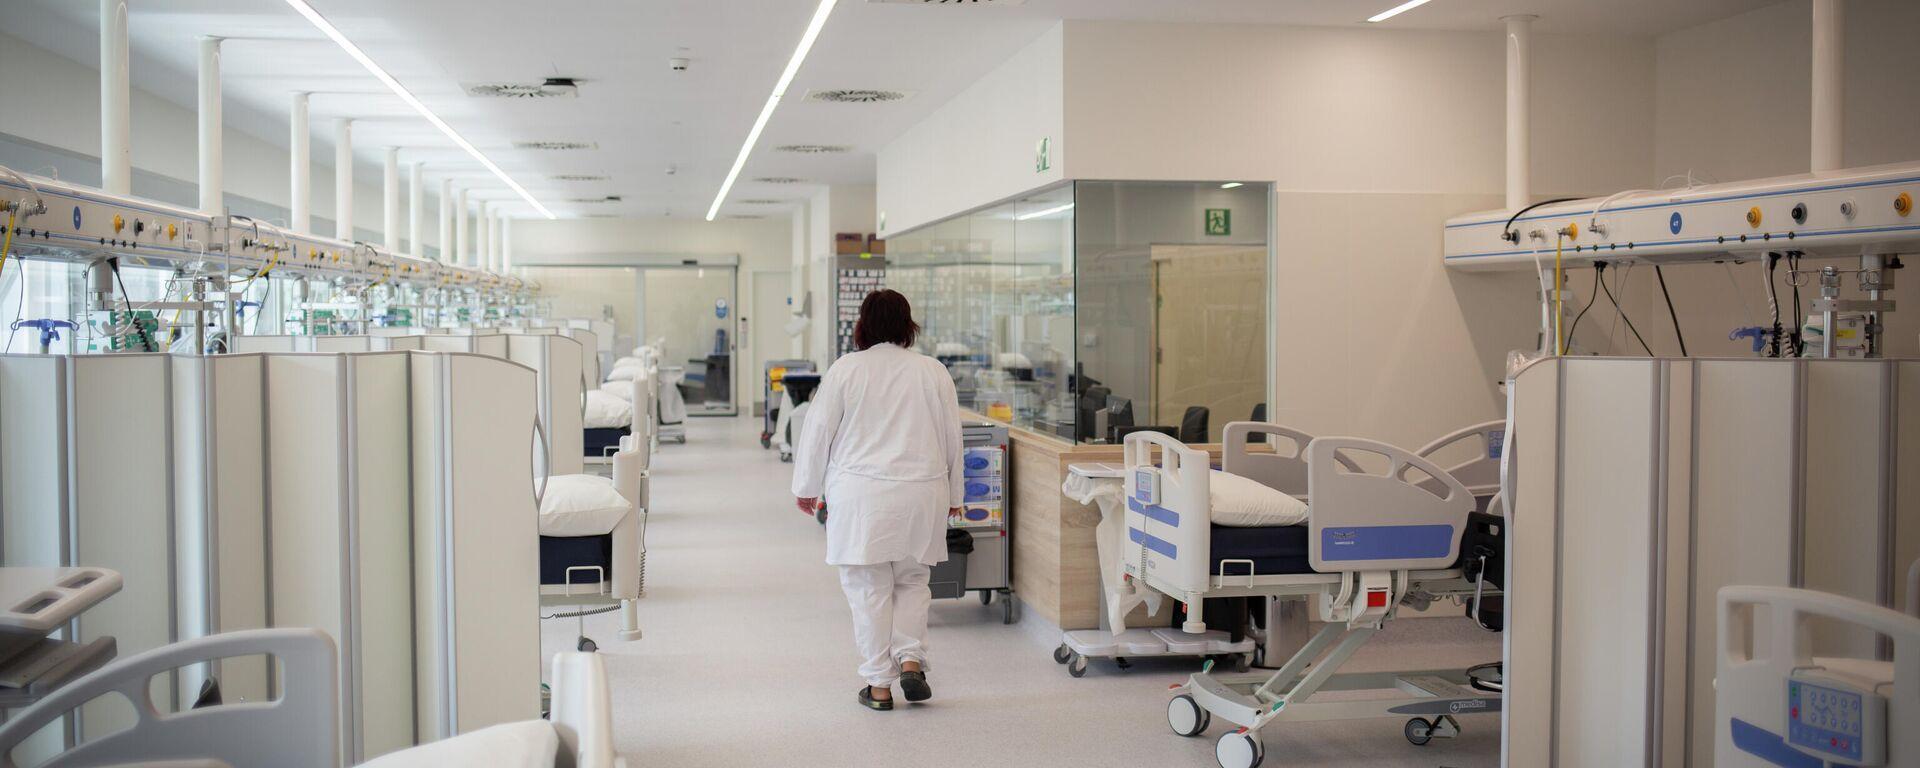 Hospital en España durante brote de coronavirus - Sputnik Mundo, 1920, 07.09.2021